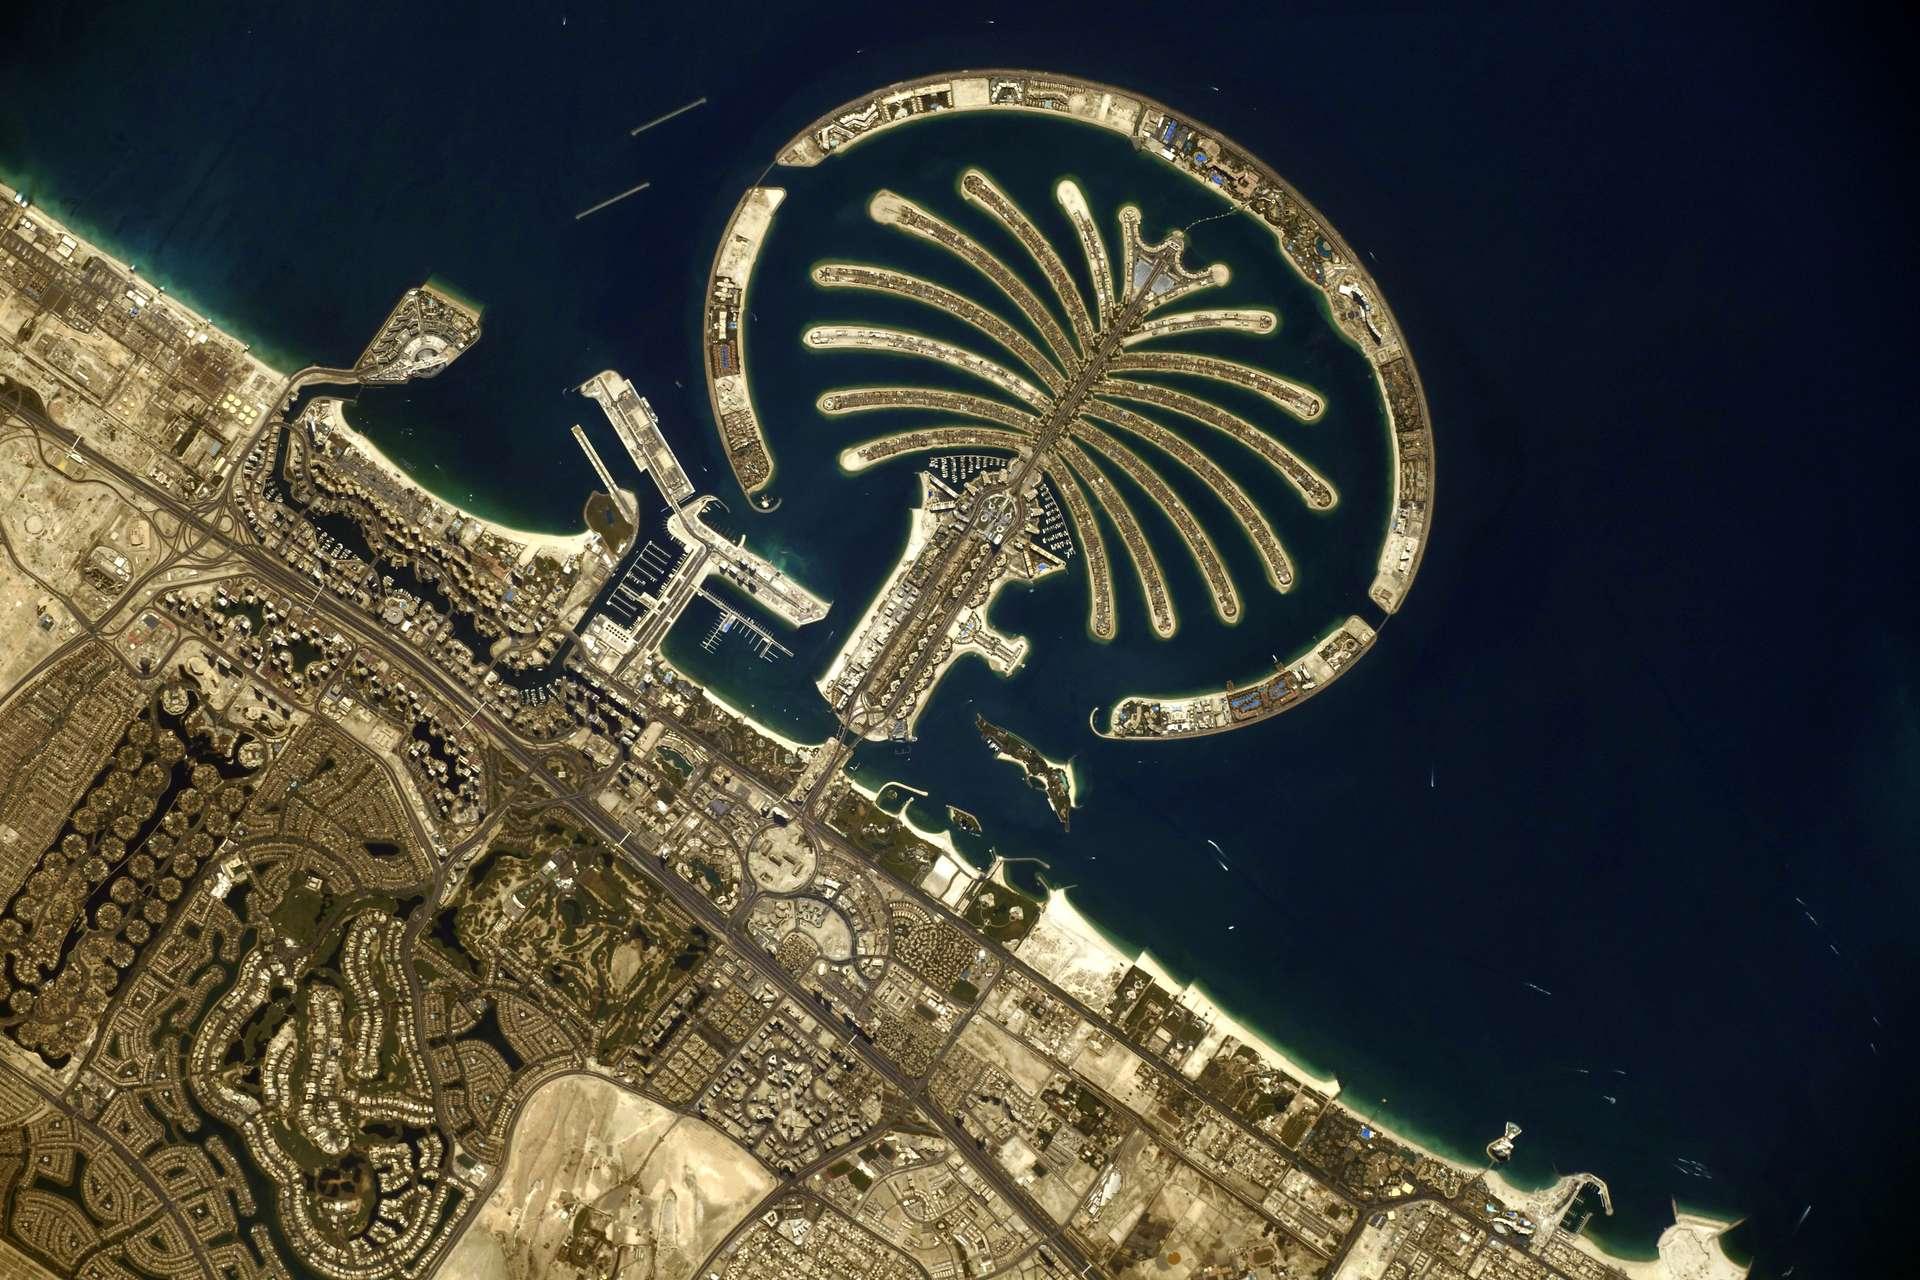 L'île « Palm Jumeirah », située dans le golfe Persique, sur les côtes de l'émirat de Dubaï. Photographiée par l'astronaute français, en 2021. © ESA/Nasa, T. Pesquet